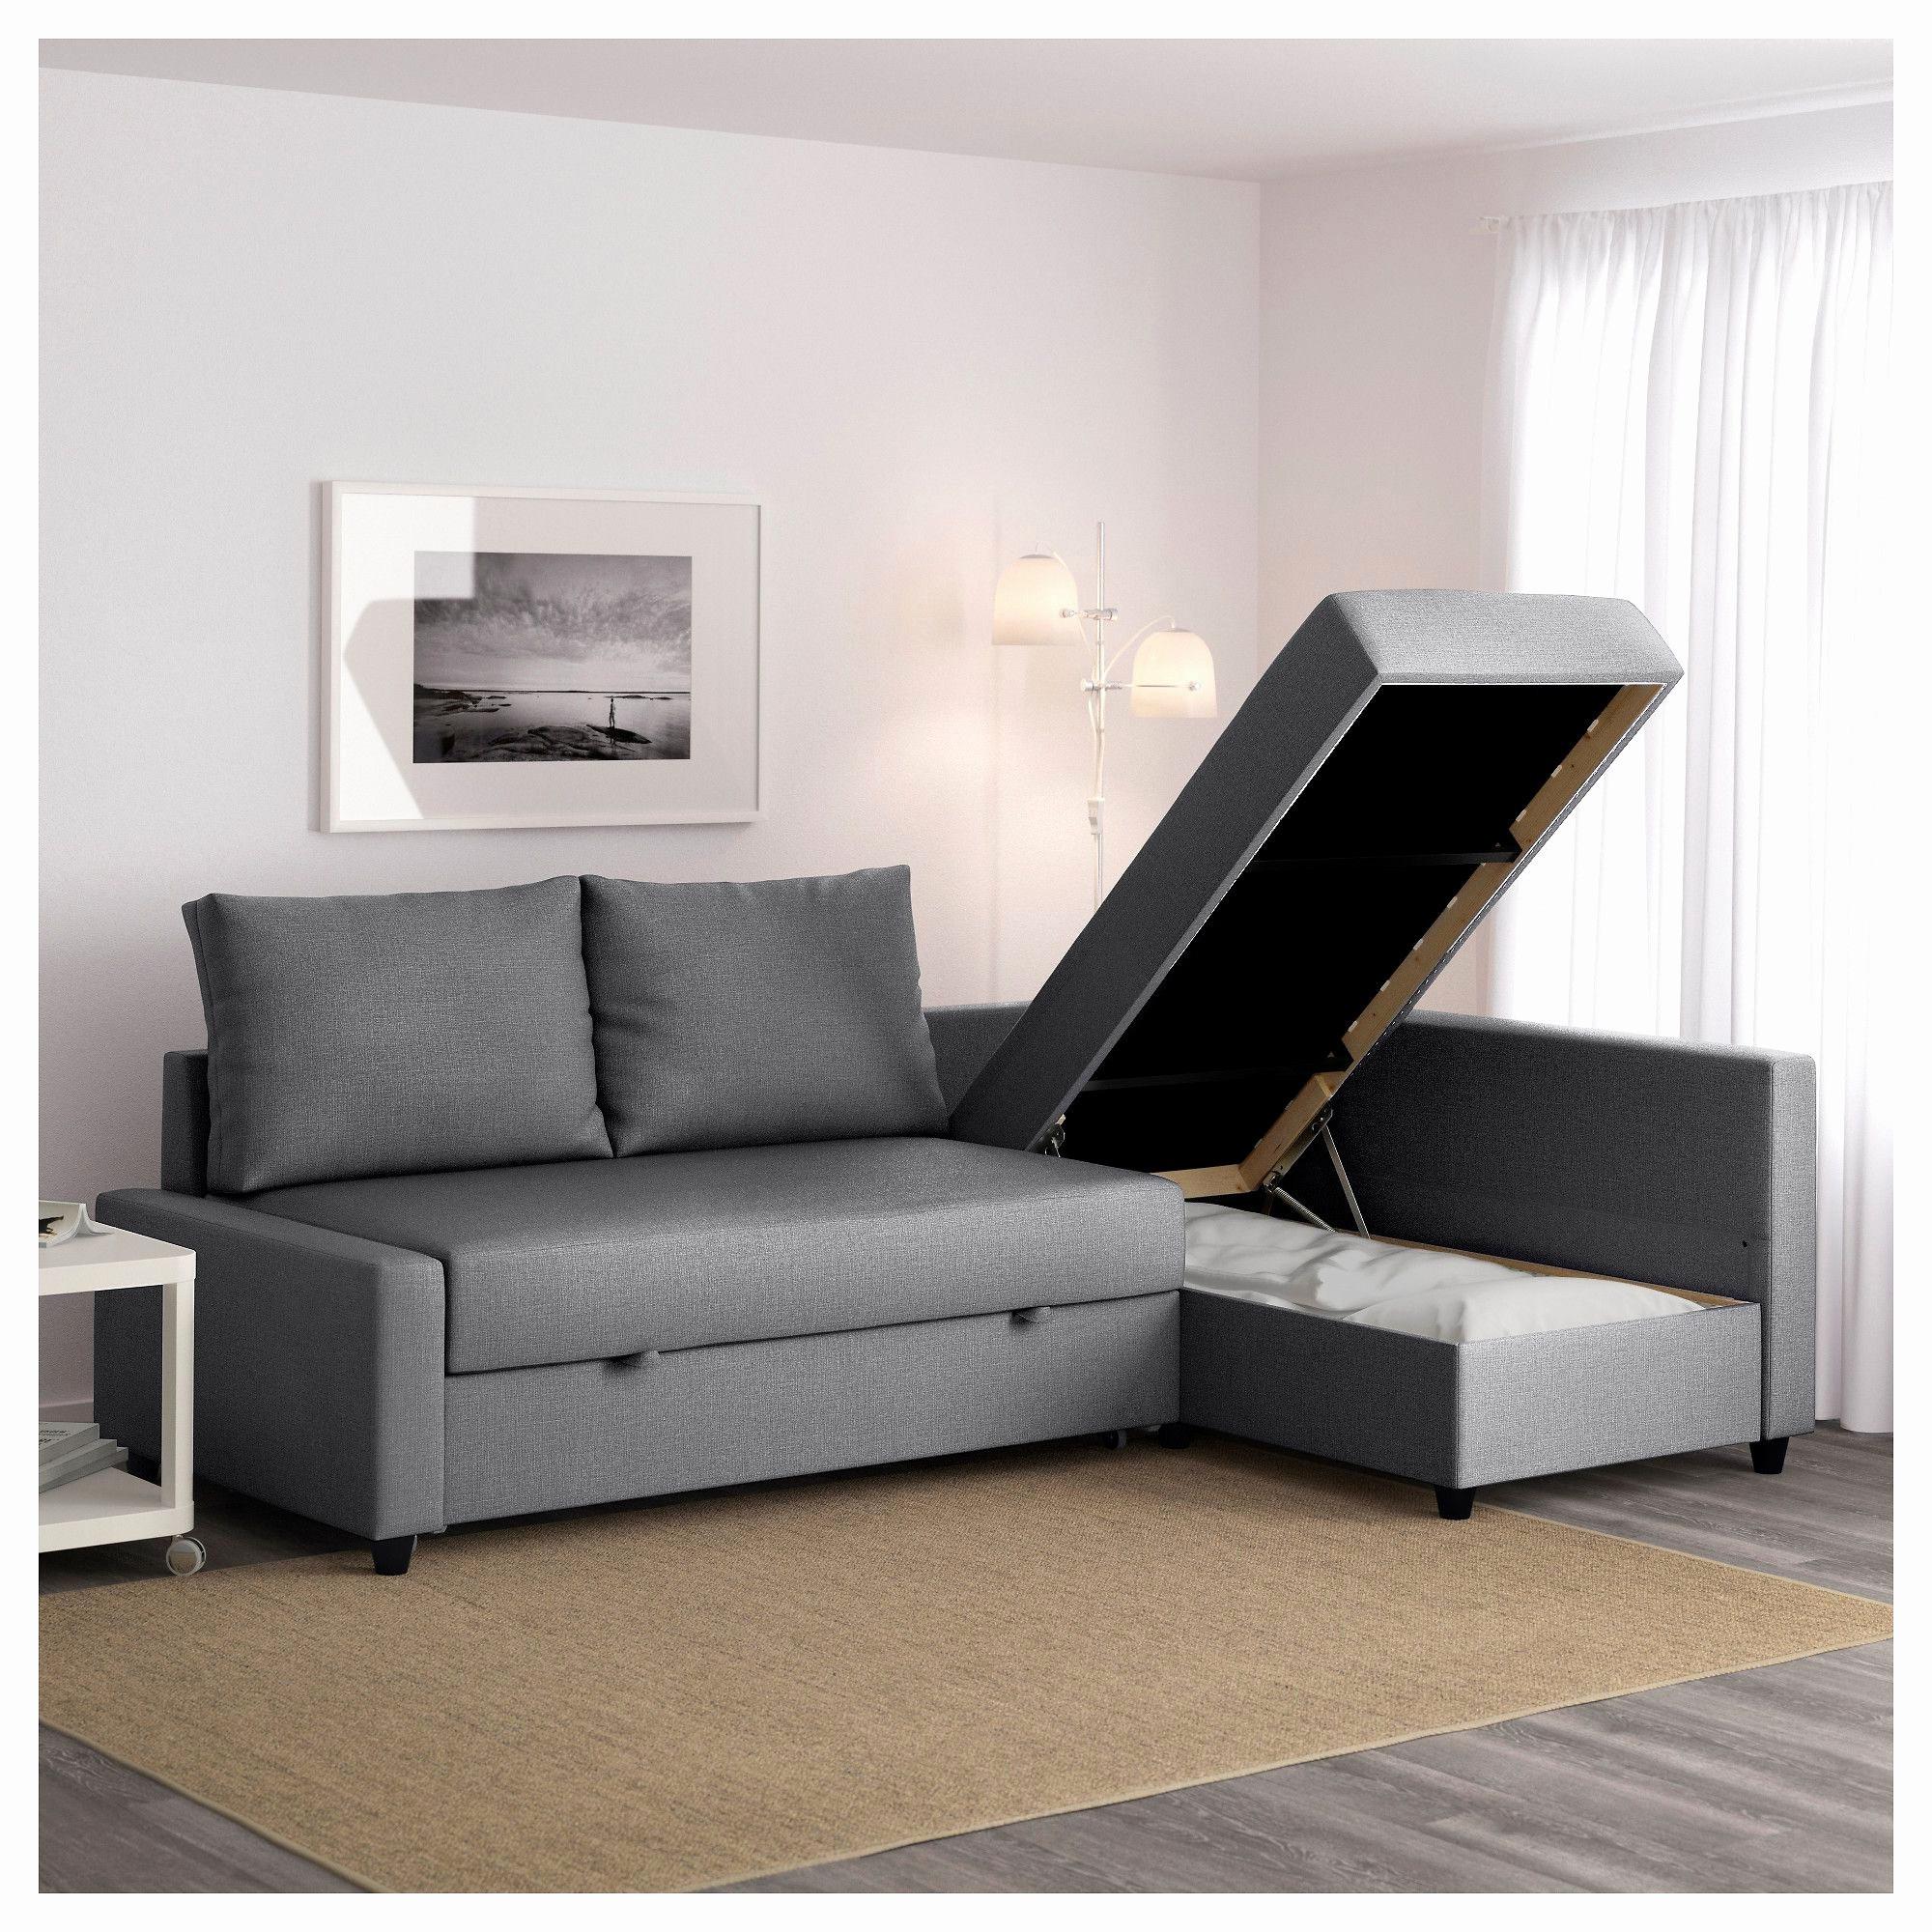 Full Size of L Couch Mit Schlaffunktion Ikea Sofa Grau 3er 3 Sitzer Bettfunktion Ektorp Und Bettkasten Ecksofa Gebraucht Kleines 2er Spiegelschrank Bad Beleuchtung Sofa Ikea Sofa Mit Schlaffunktion